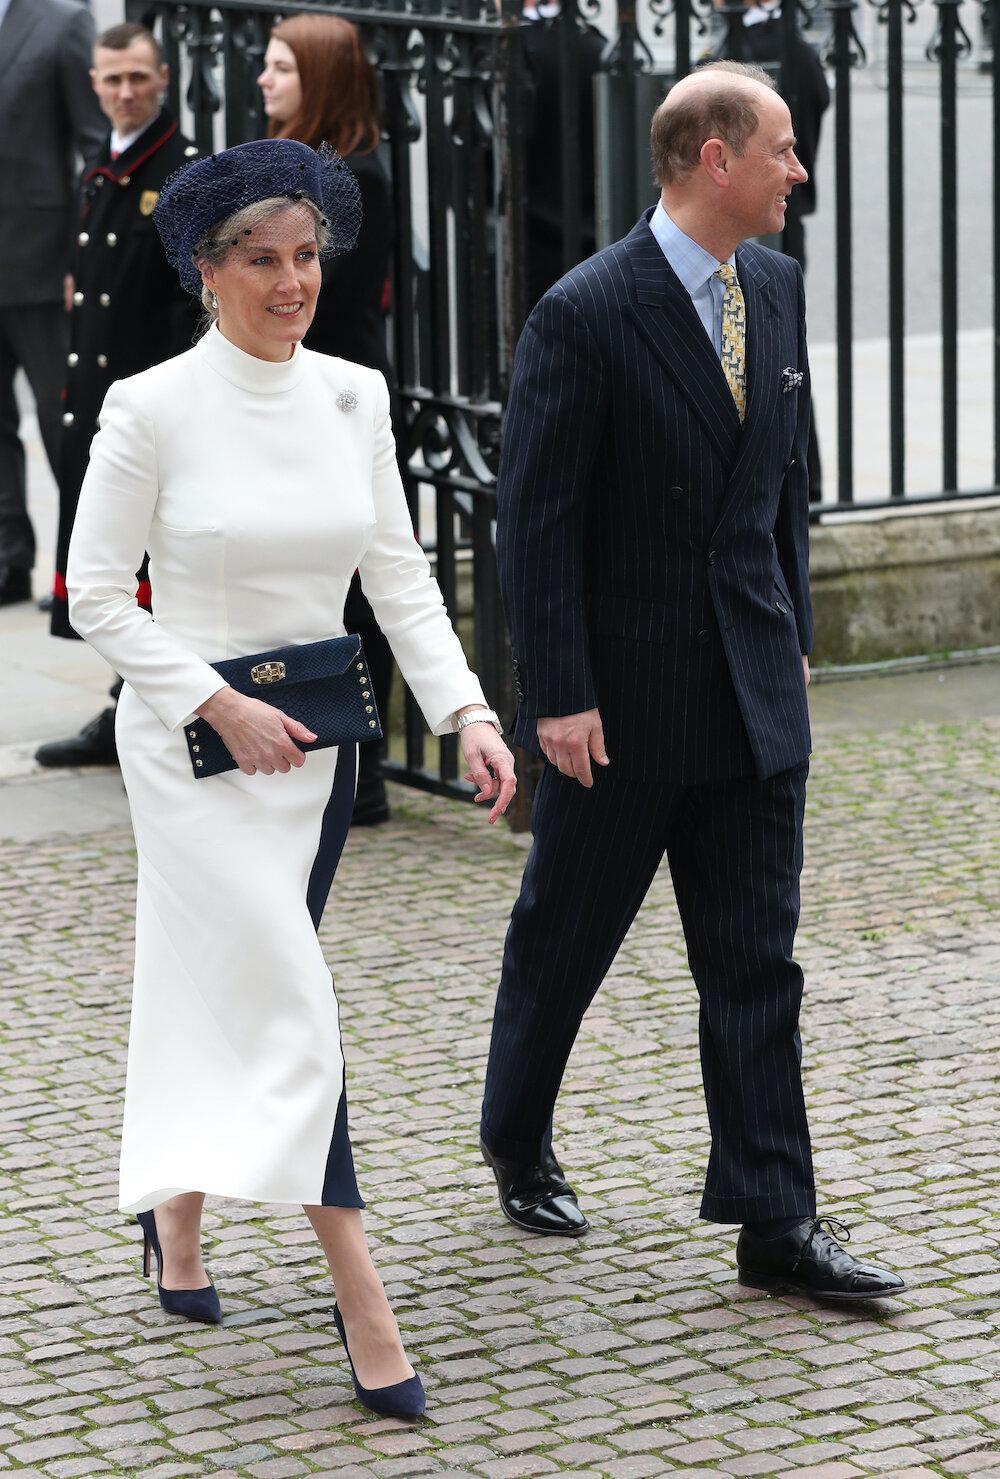 Elegant, aber trotzdem ausgefallen: Sophie von Wessex überzeugt modisch beim Gottesdienst.  © picture alliance / empics